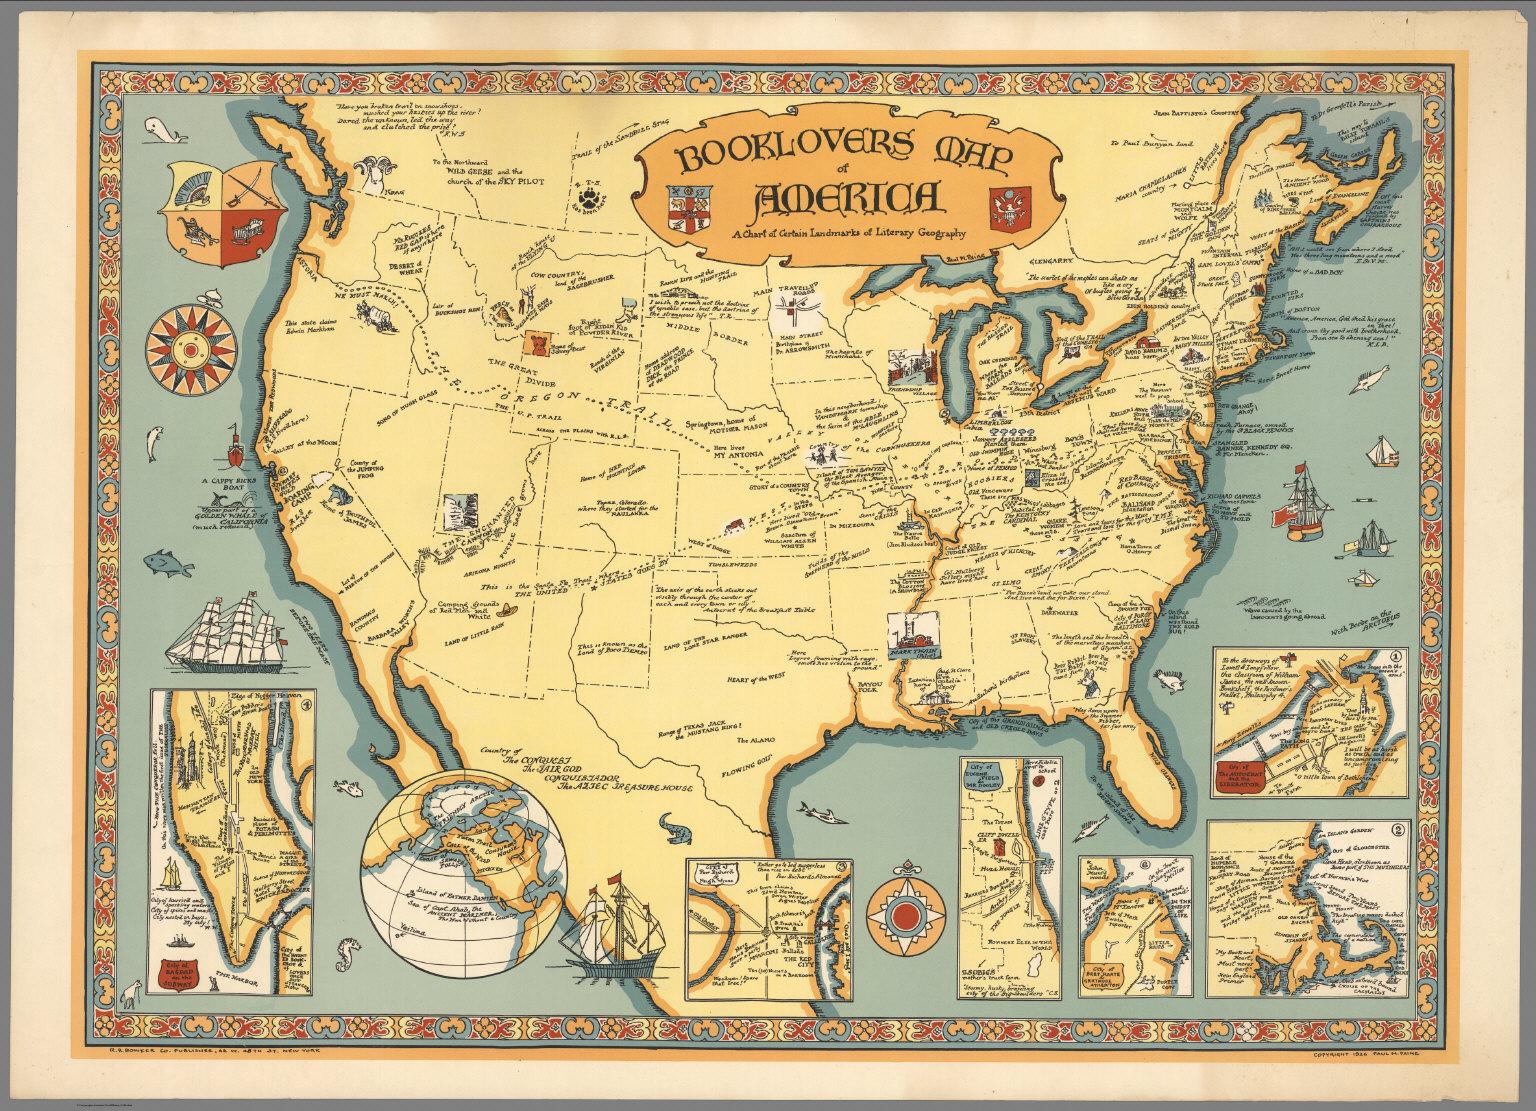 Libros Instrucciones De Uso Mapas Literarios Piérdete En Ellos - America mapa juego